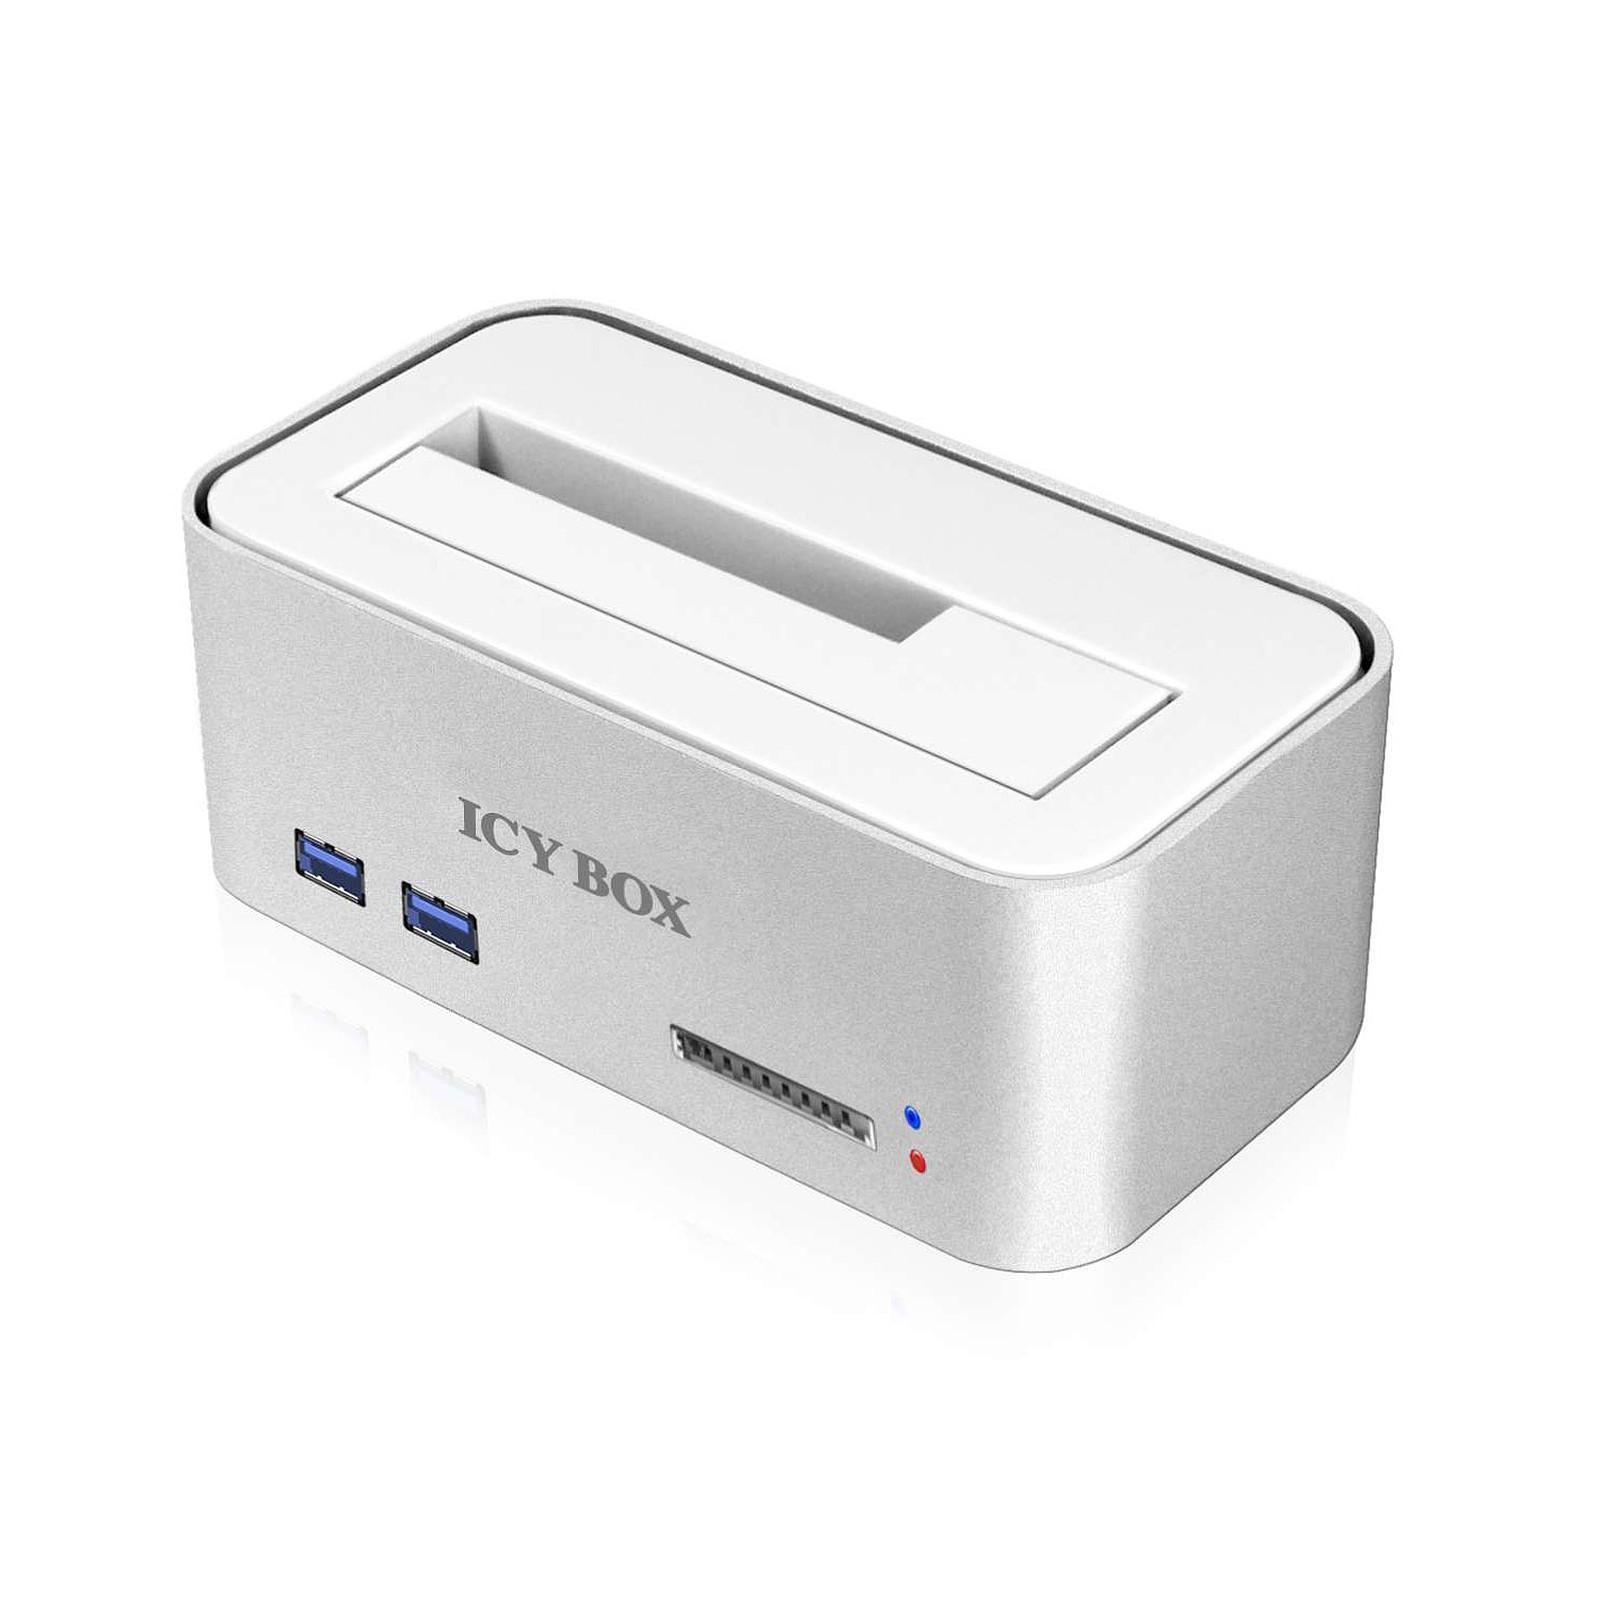 ICY BOX IB-111HCr-U3